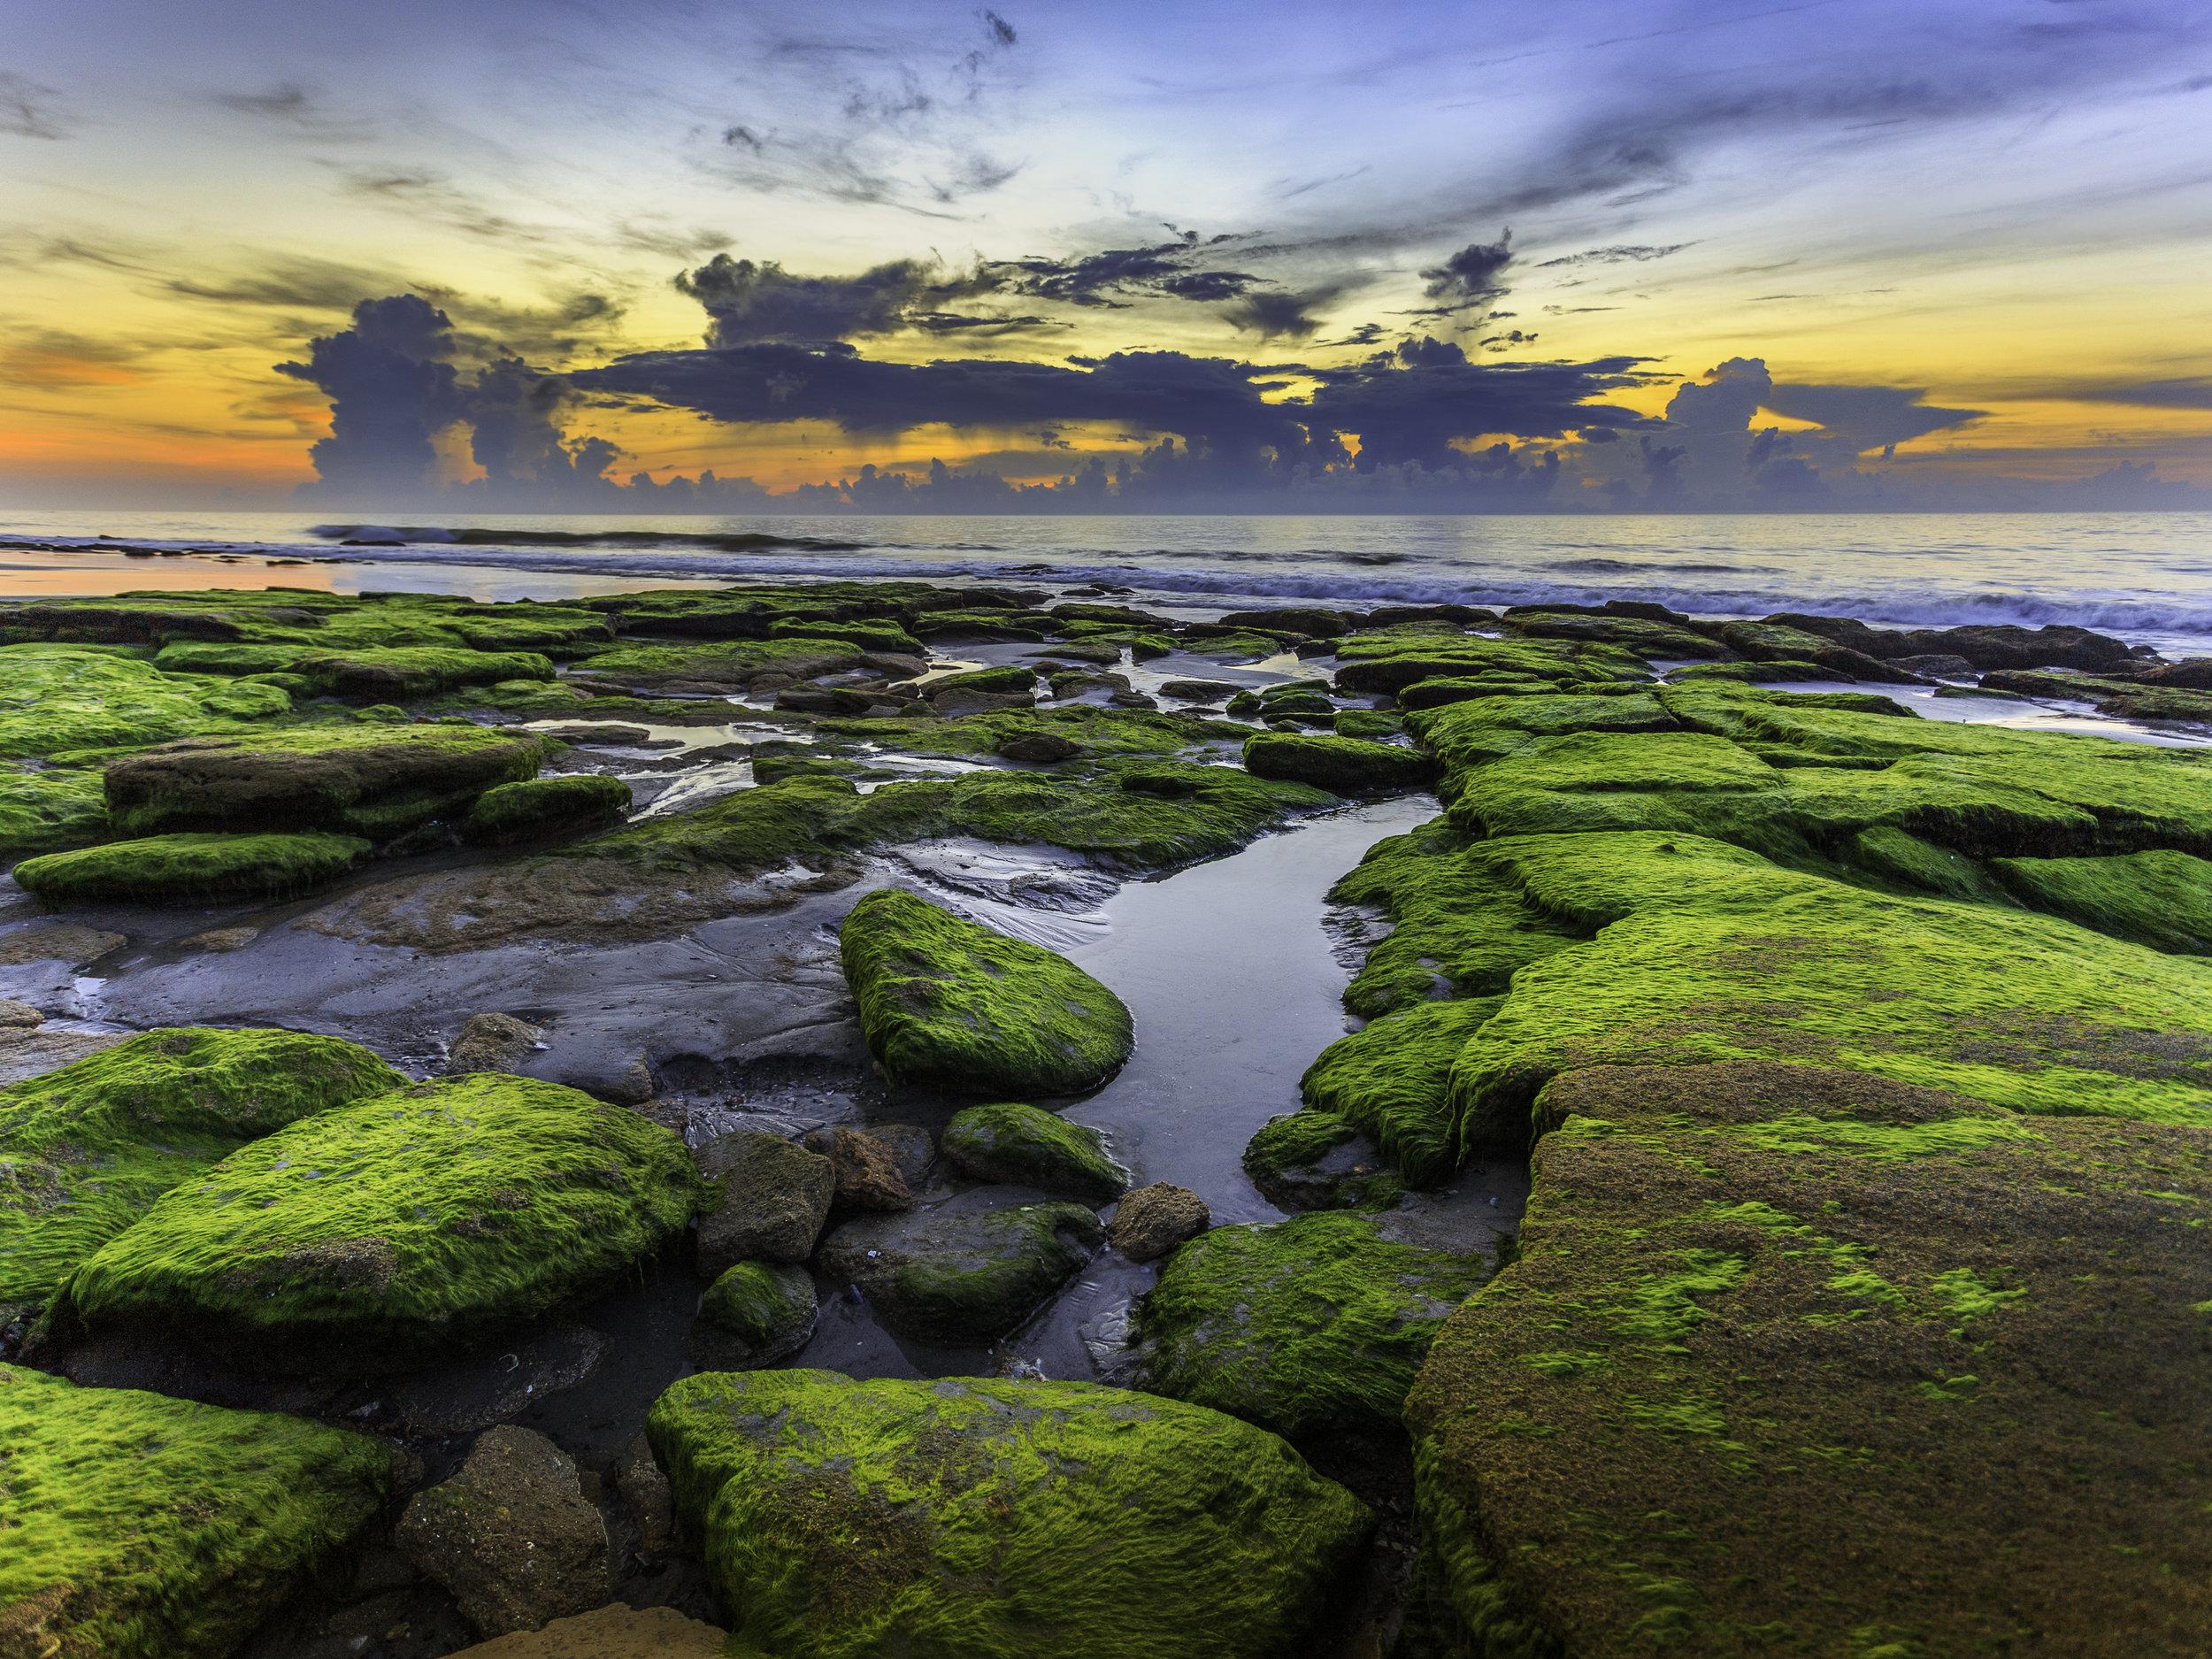 Kure Beach, Coquina Rocks